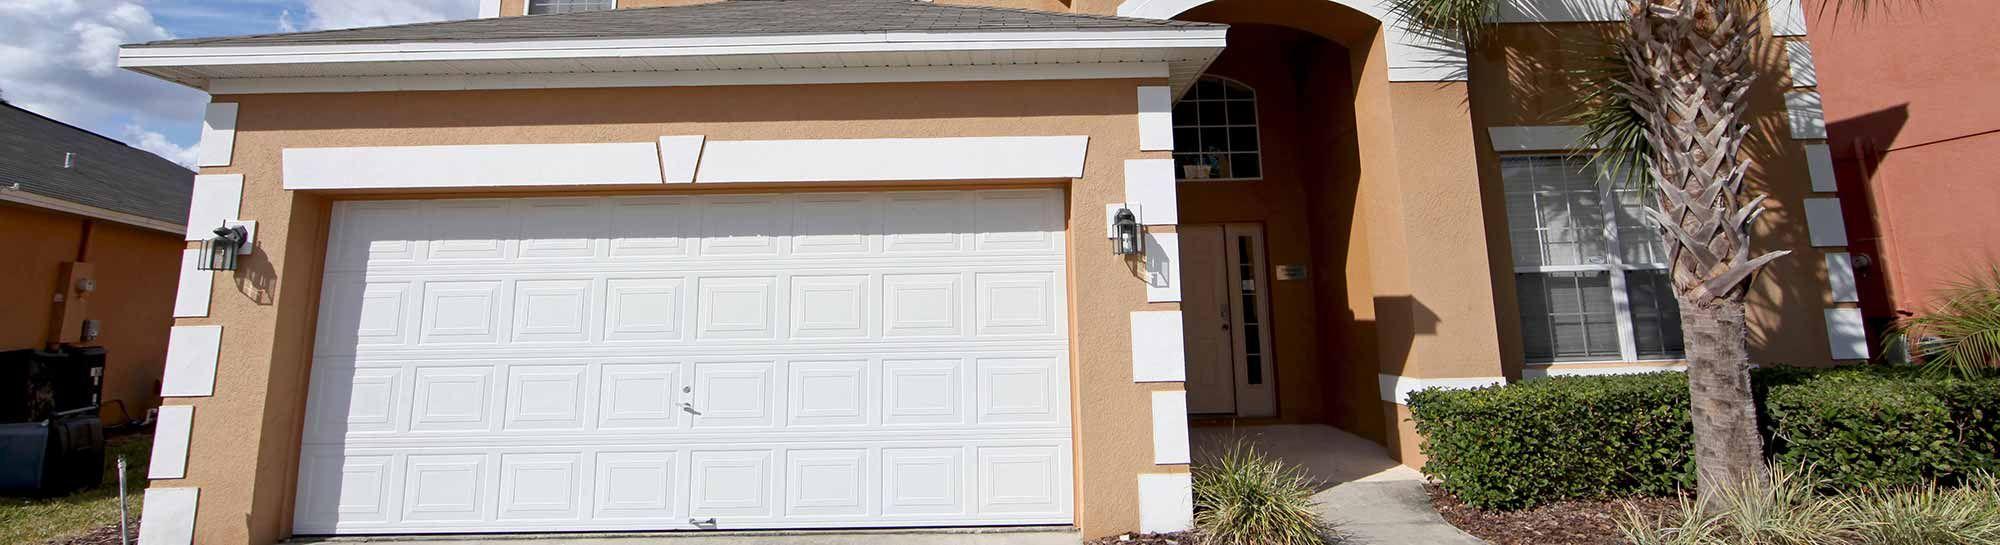 Hire Authority Garage Doors Is A Prime Garage Door Service And Sales Provider In South Florida They Garage Door Installation Garage Doors Garage Service Door